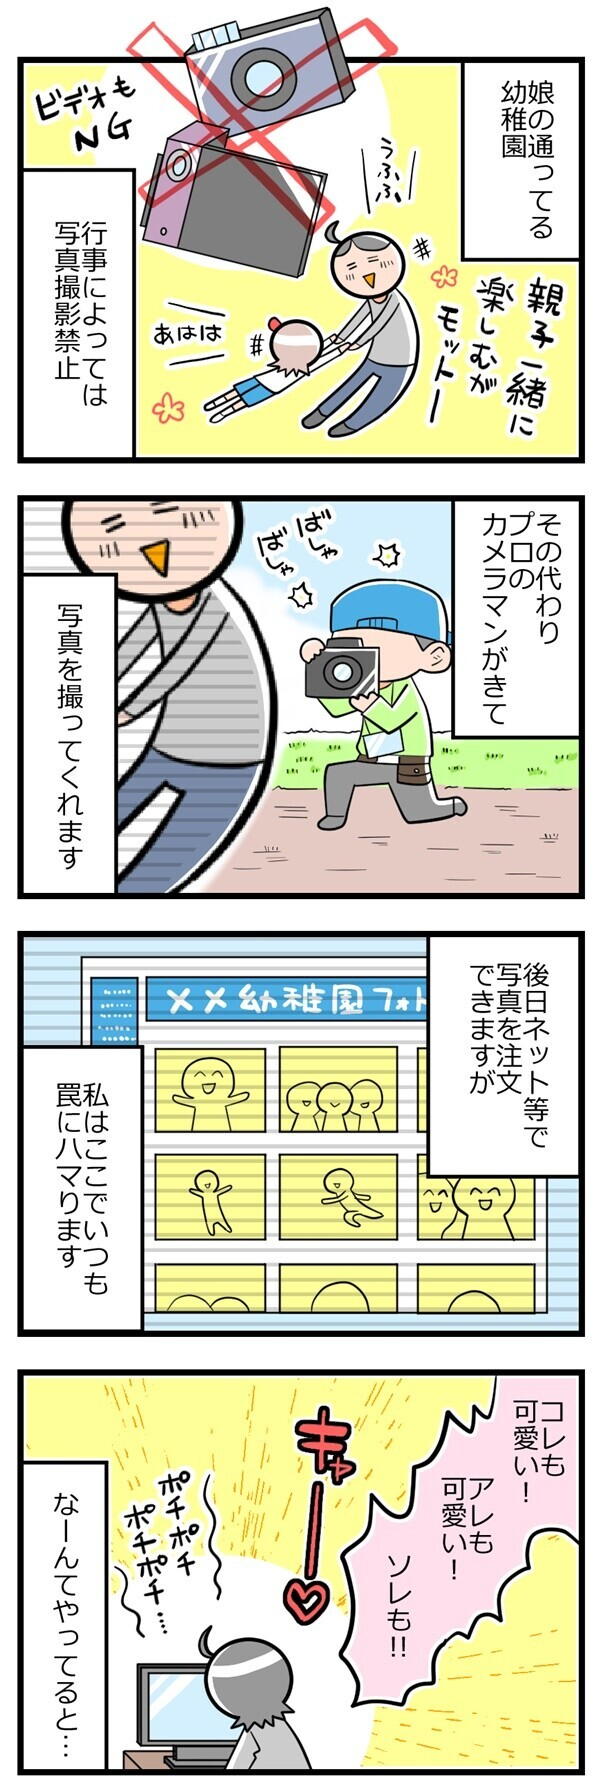 撮影禁止の幼稚園あるある!? 毎度ハマっちゃう写真注文の罠【ヲタママだっていーじゃない! 第7話】